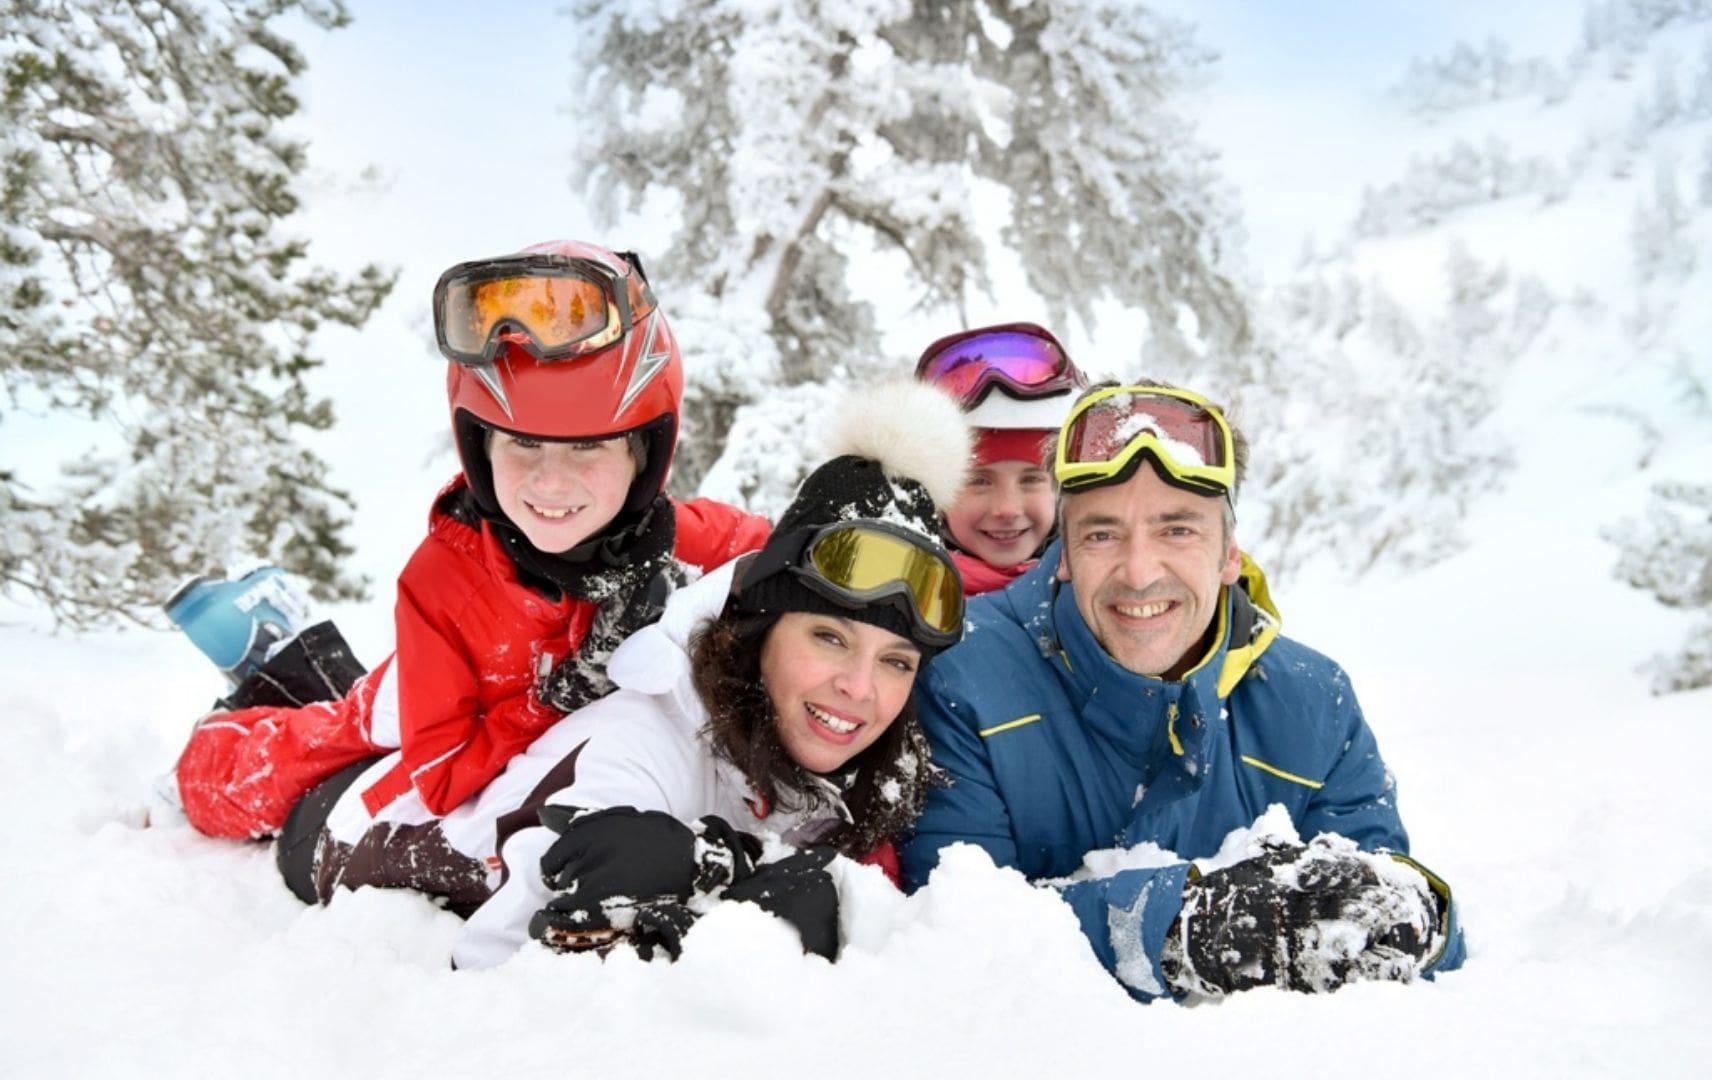 Mann Frau und Kinder liegen mit Schneeanzügen im Schnee